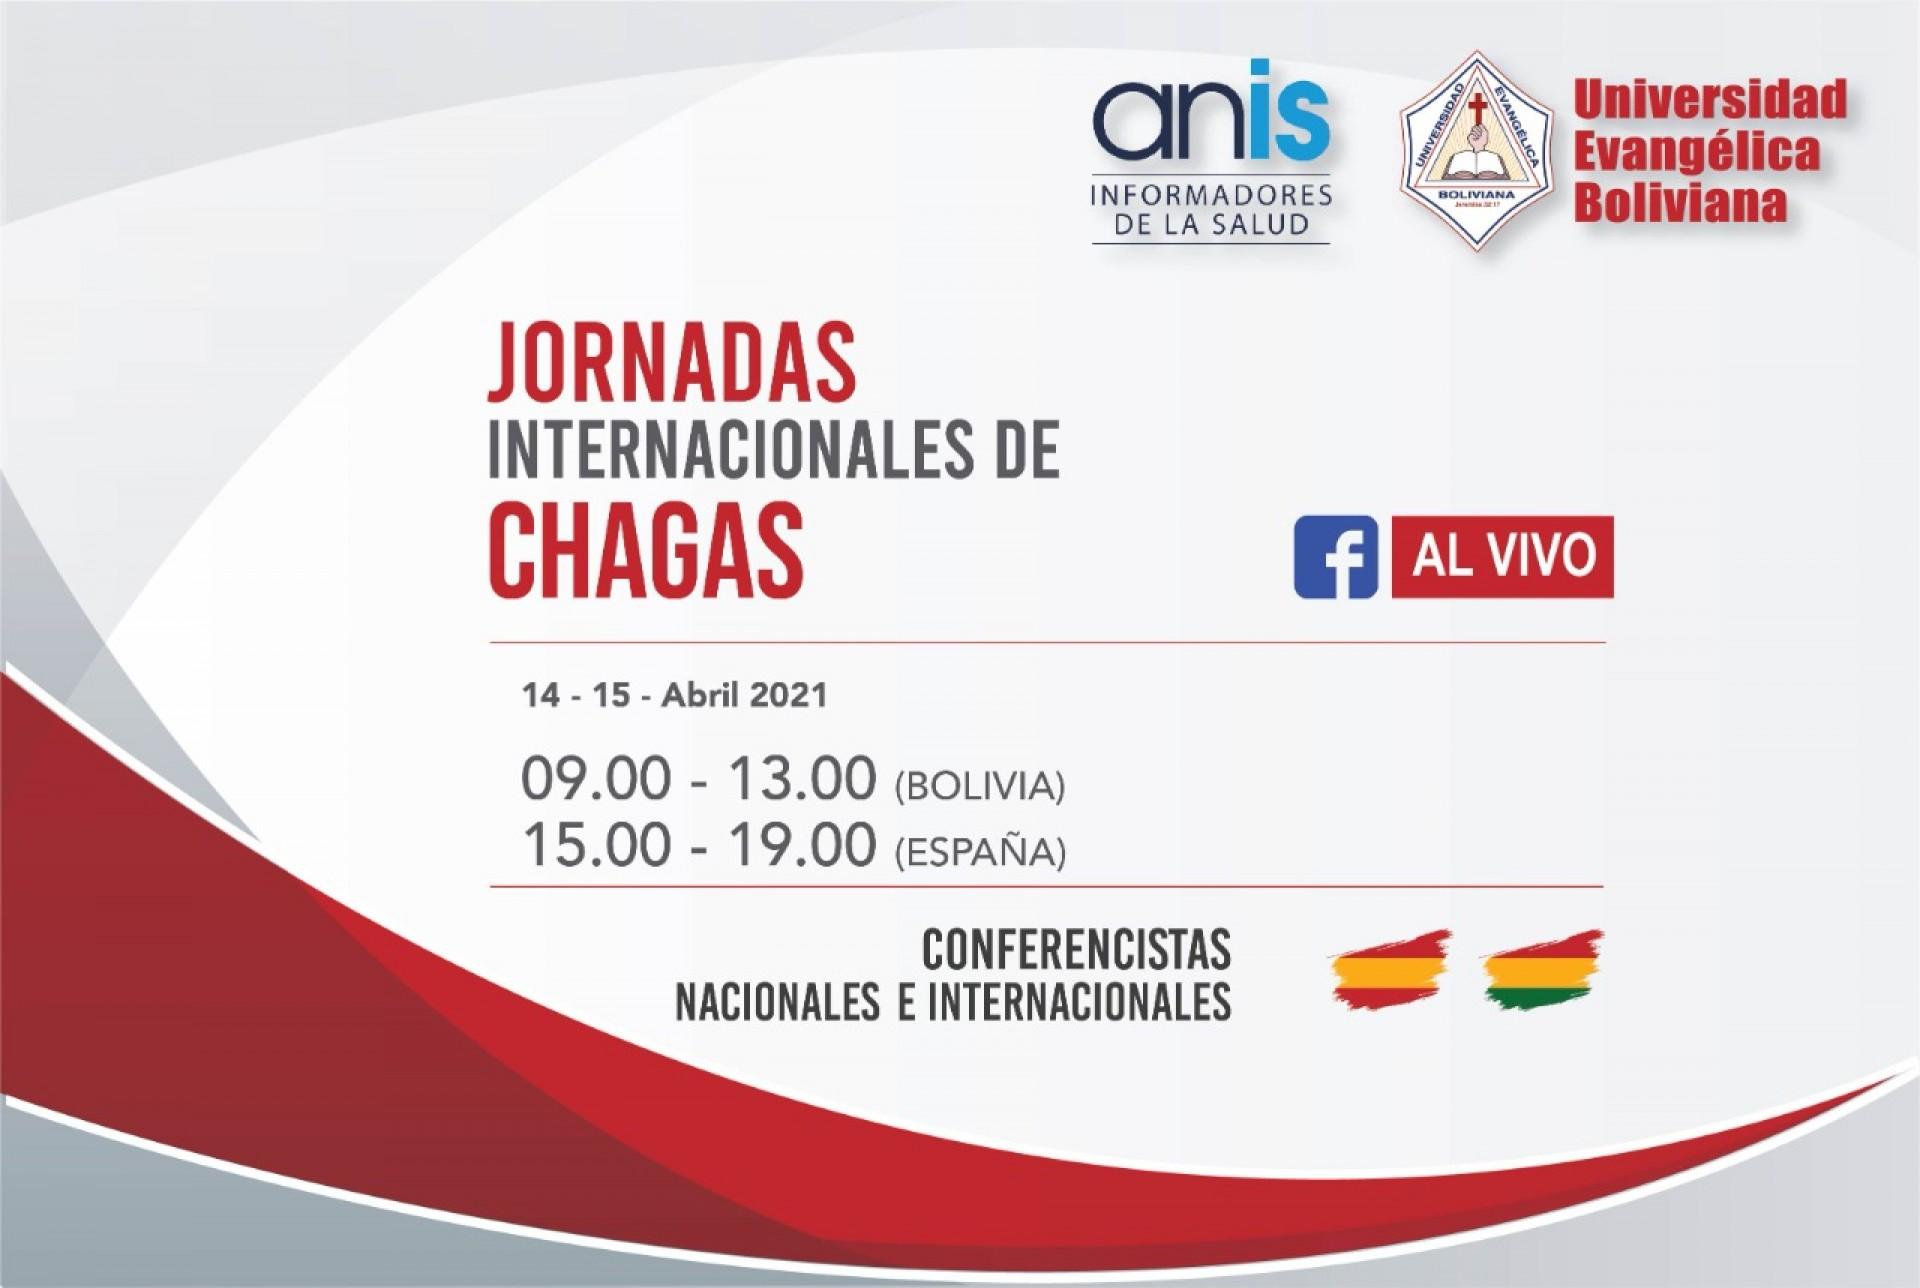 Jornadas Internacionales de la Enfermedad de Chagas